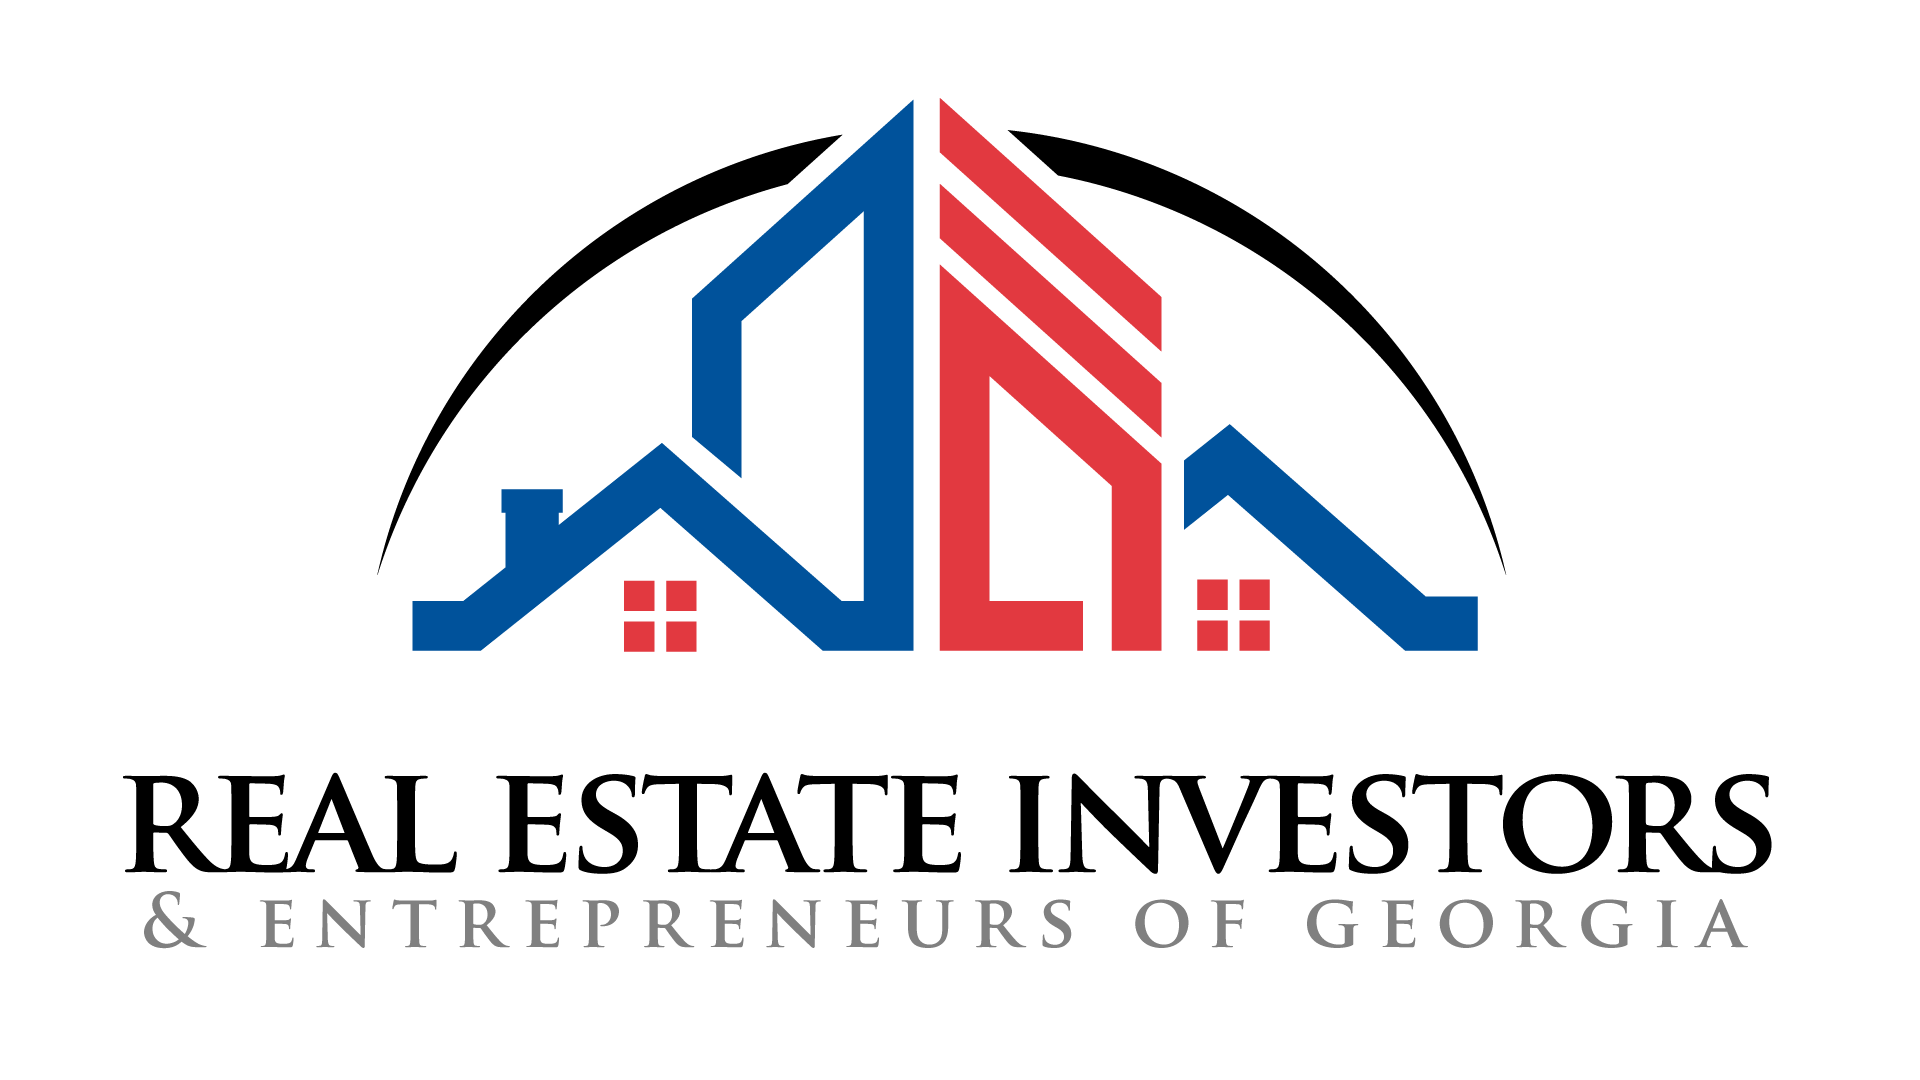 Real Estate Investors & Entrepreneurs of Georgia